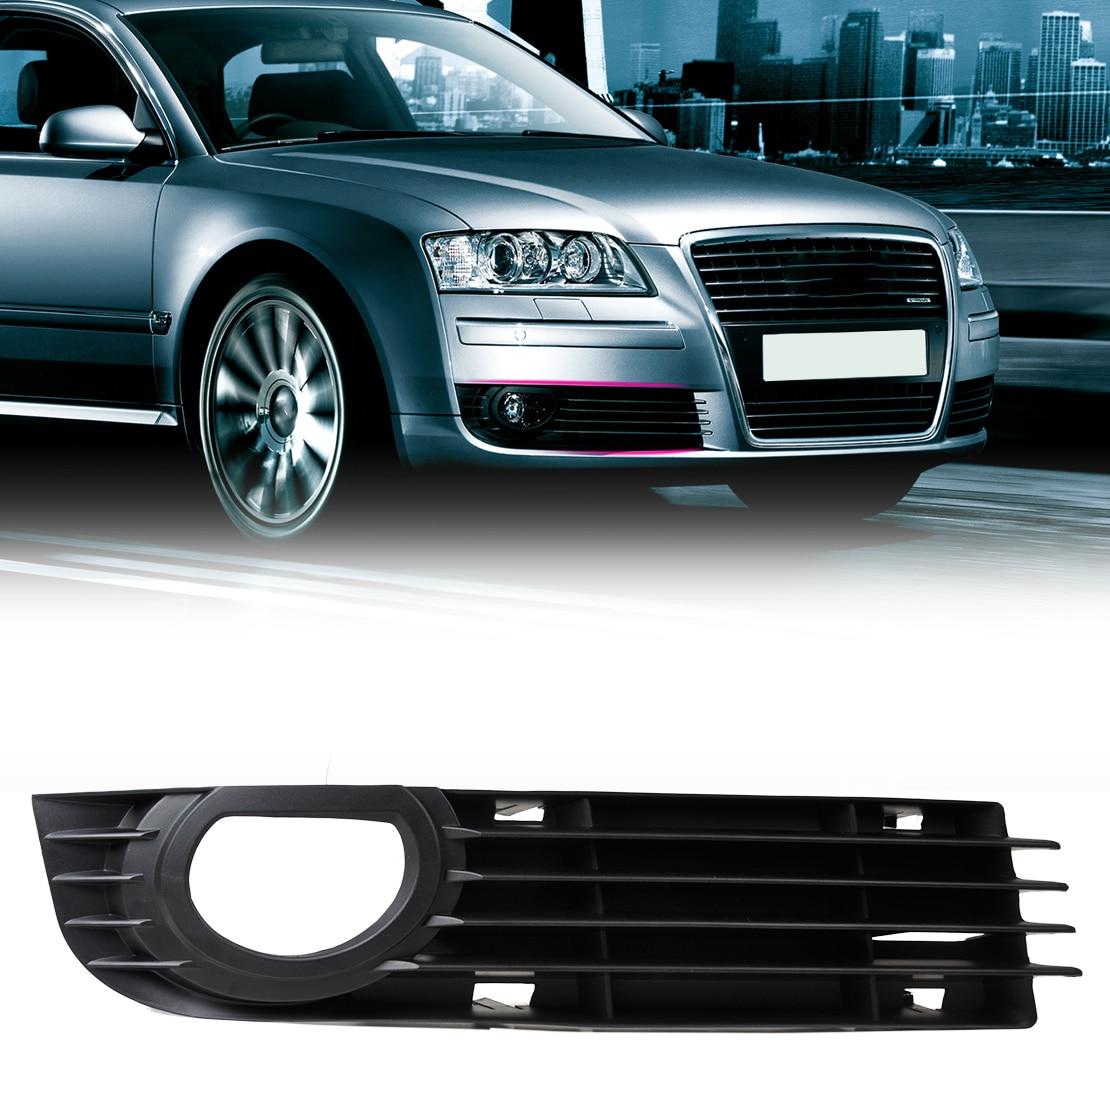 DWCX 4E0807682AB Grille Front Right Insert Bumper Fog Light Grille Protect Mesh for Audi A8 S8 QUATTRO D3 2006 2007 2008 s line sline front grille emblem badge chromed plastic abs front grille mount for audi a1 a3 a4 a4l a5 a6l s3 s6 q5 q7 label